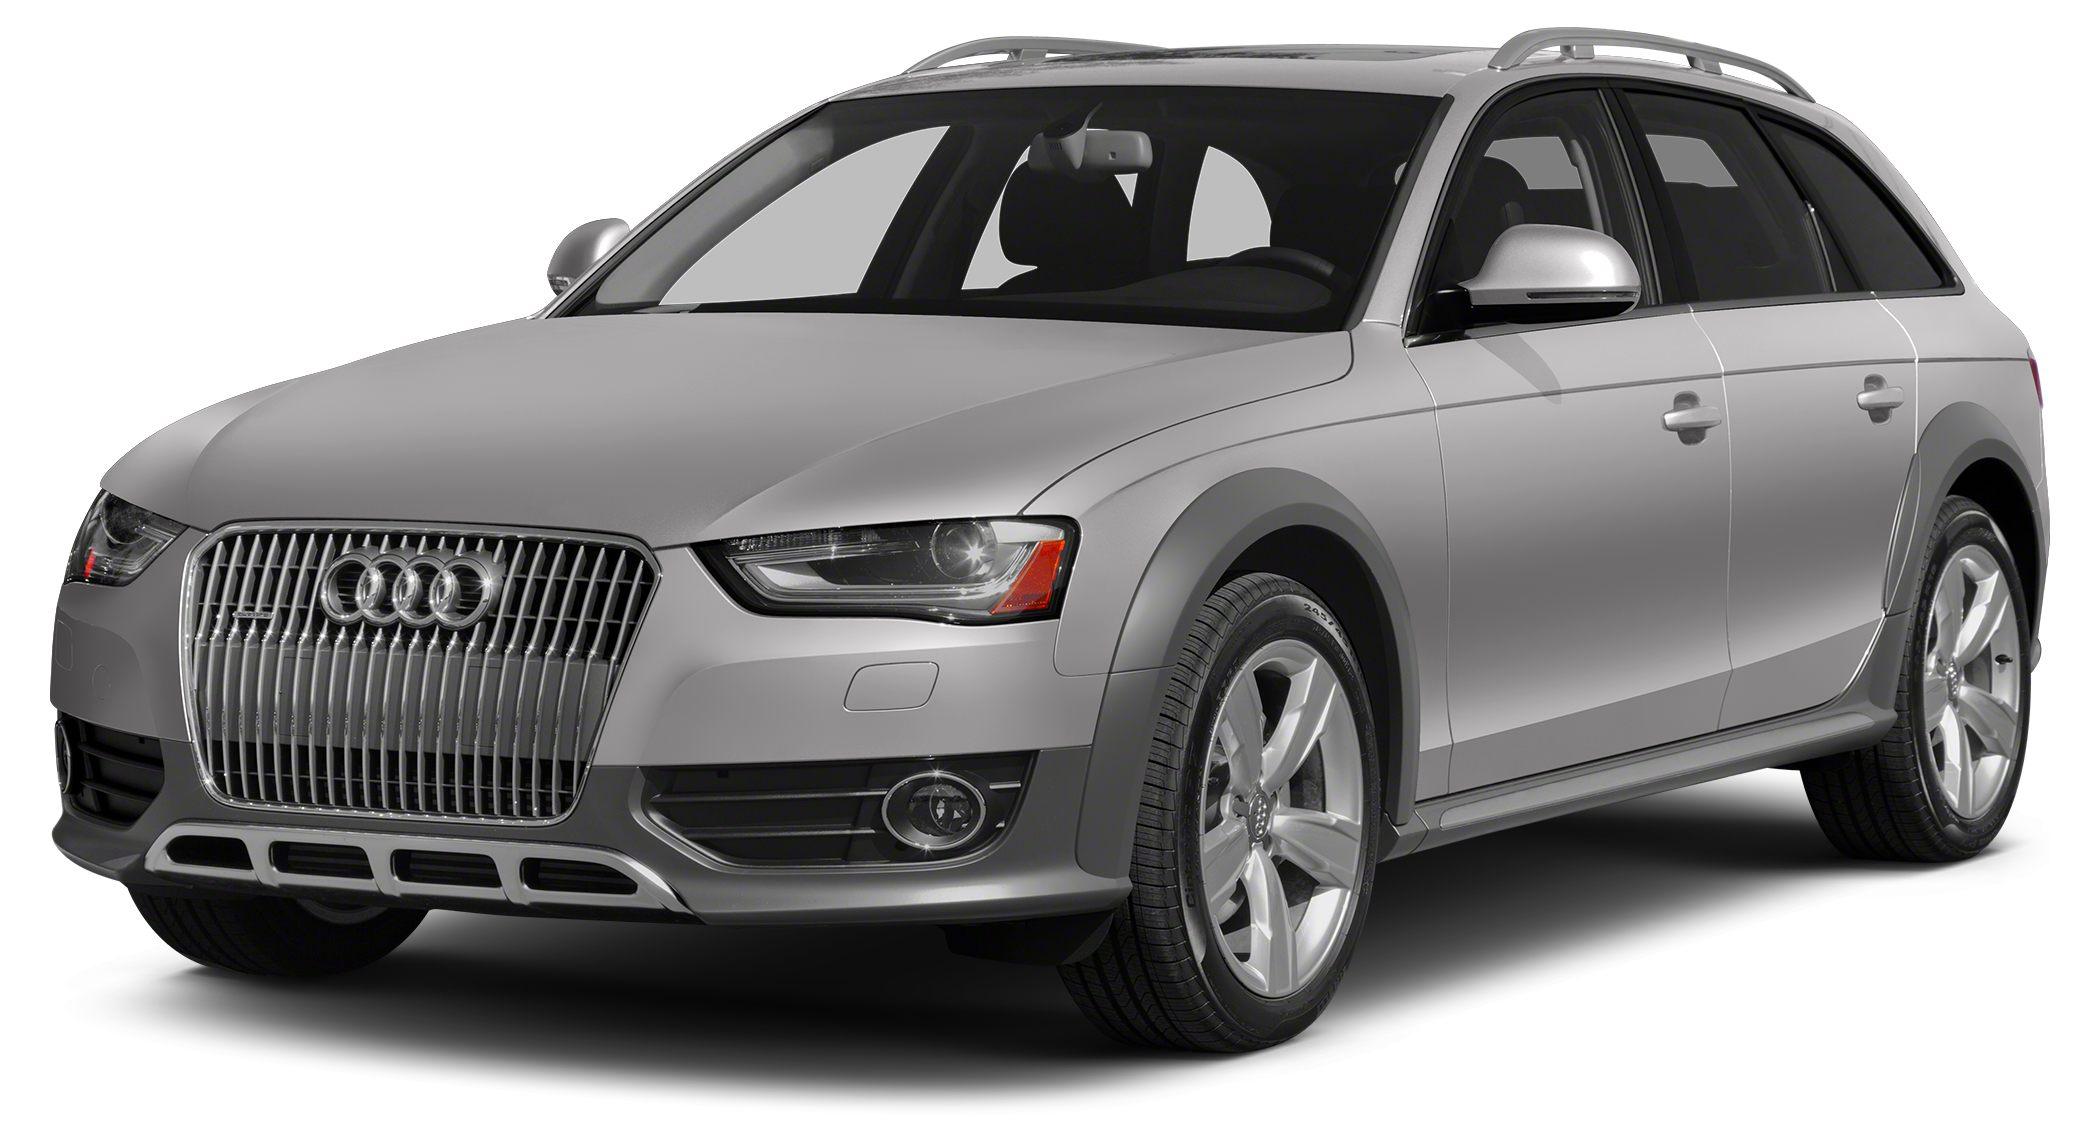 2014 Audi allroad Exterior